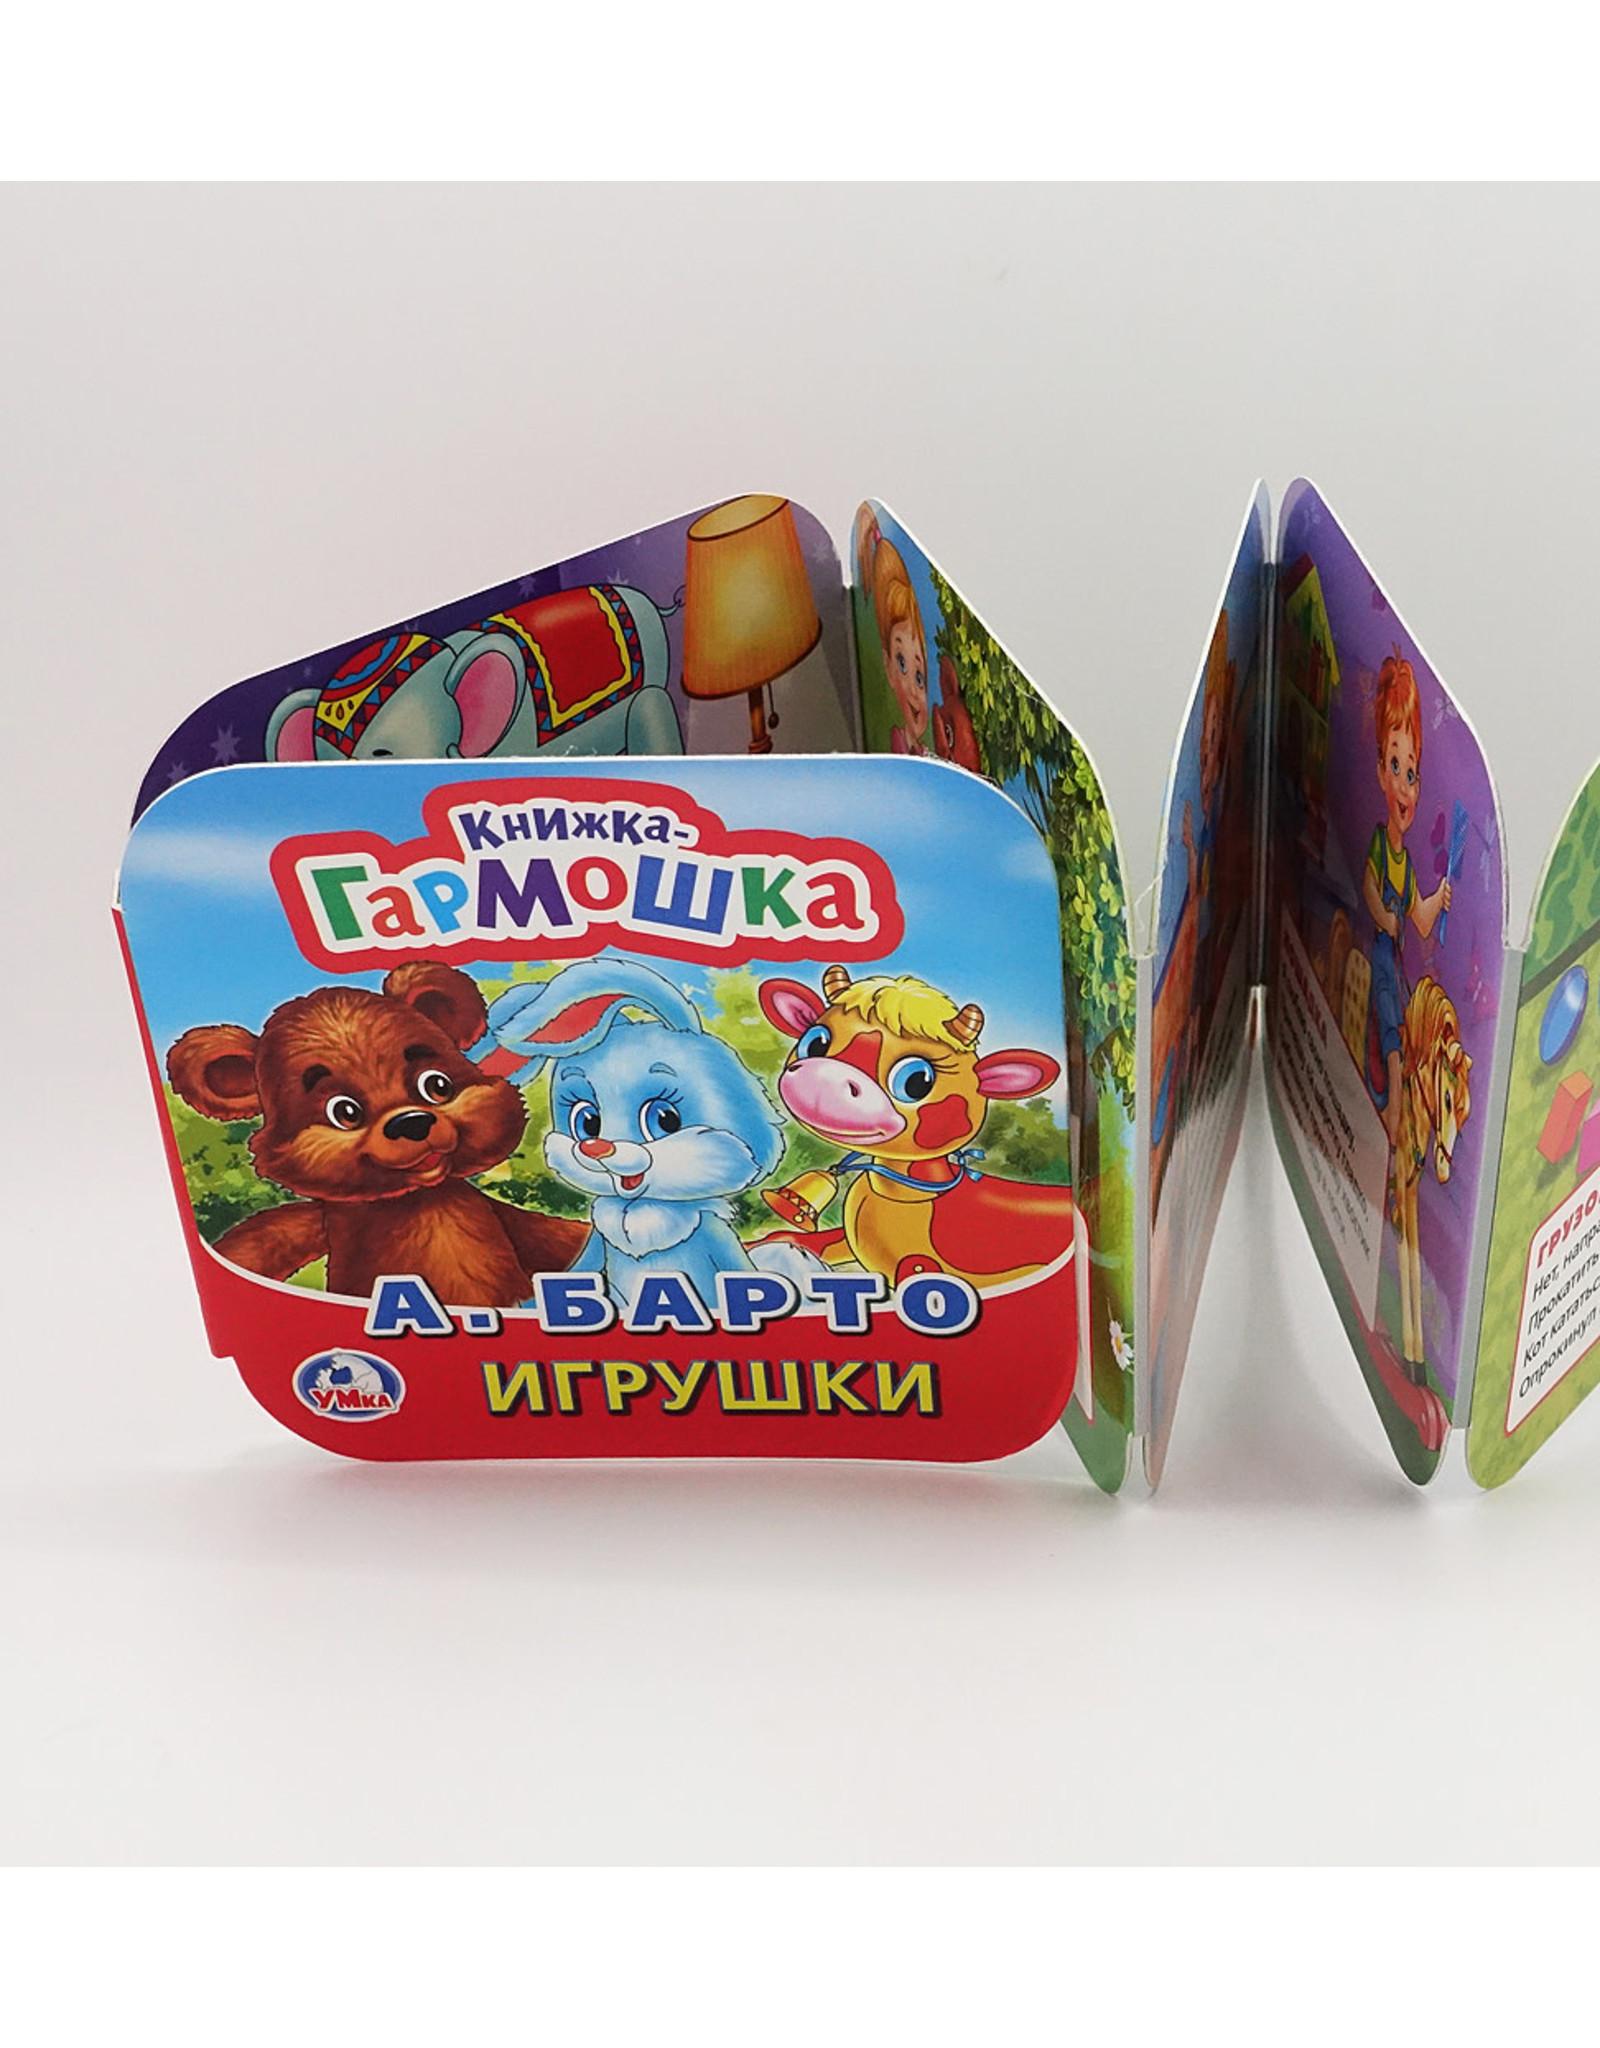 Книжка-Гармошка, А. Барто Игрушки